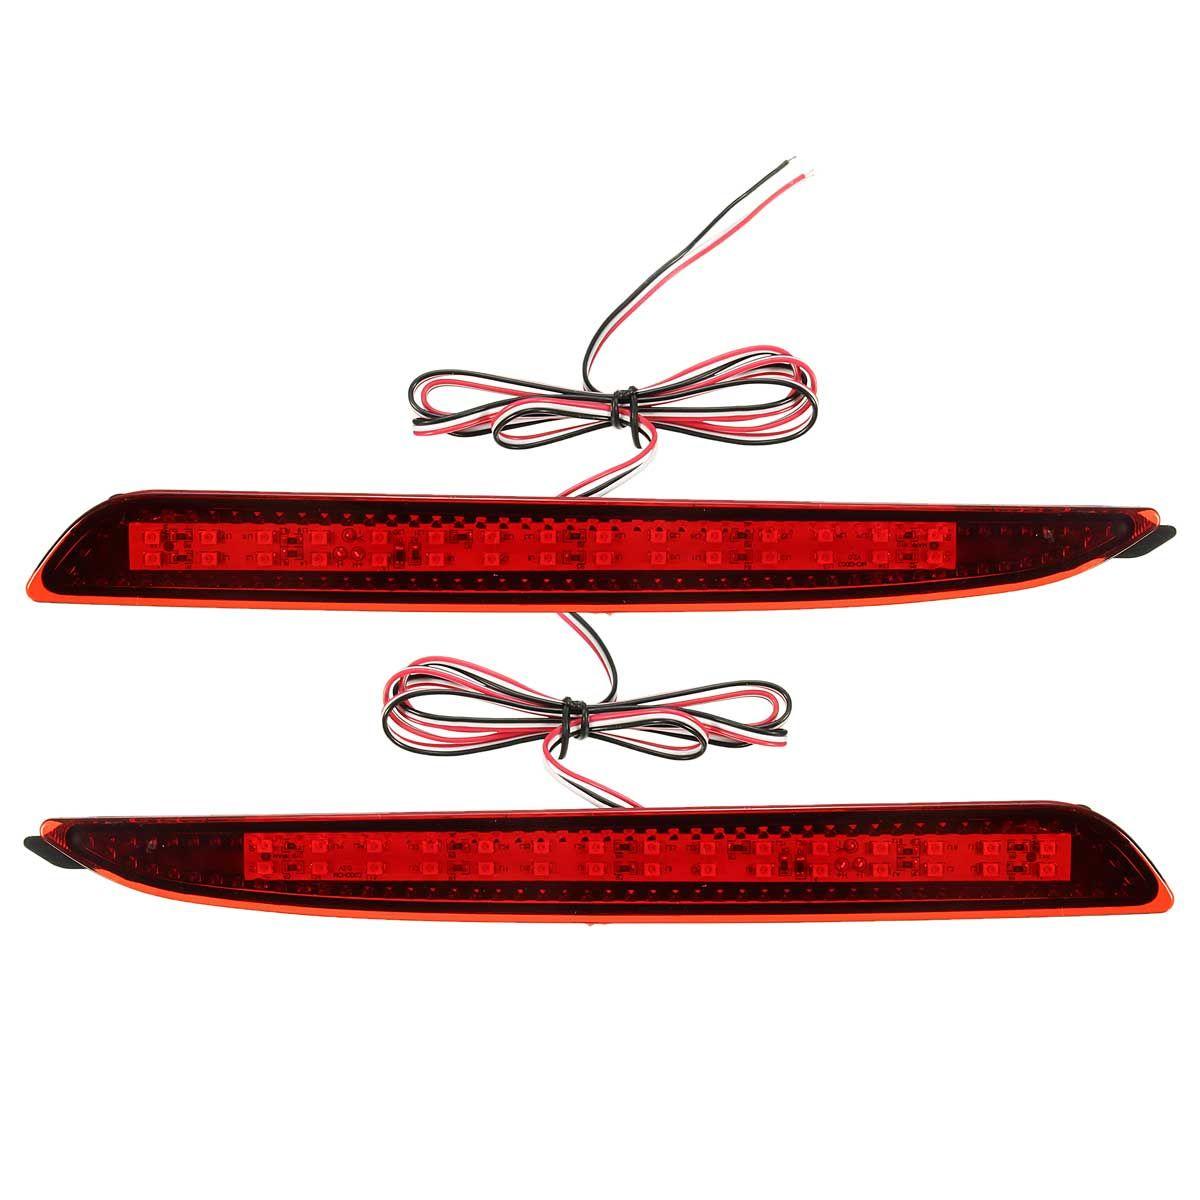 2 Pcs Red LED Rear Bumper Reflector Brake Lights Parking Warning For Mazda 3 2010 2011 2012 2013 2014 2015